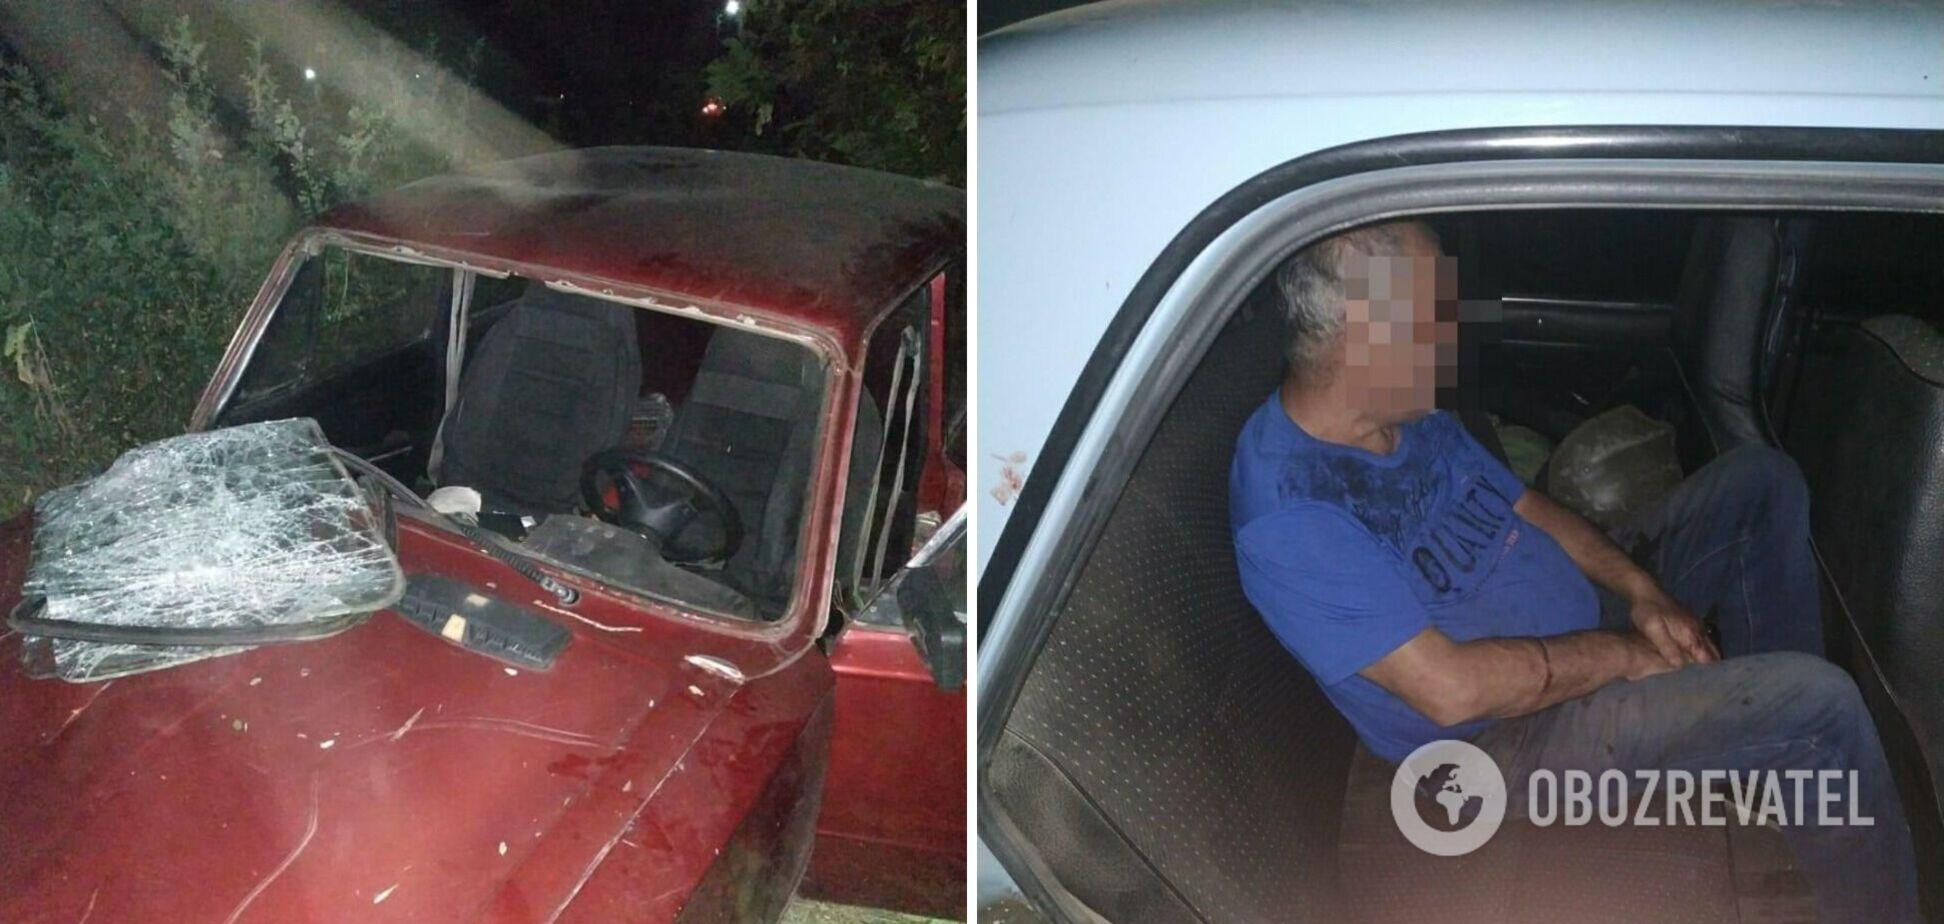 Нетрезвый водитель сбил мальчиков 14 и 15 лет